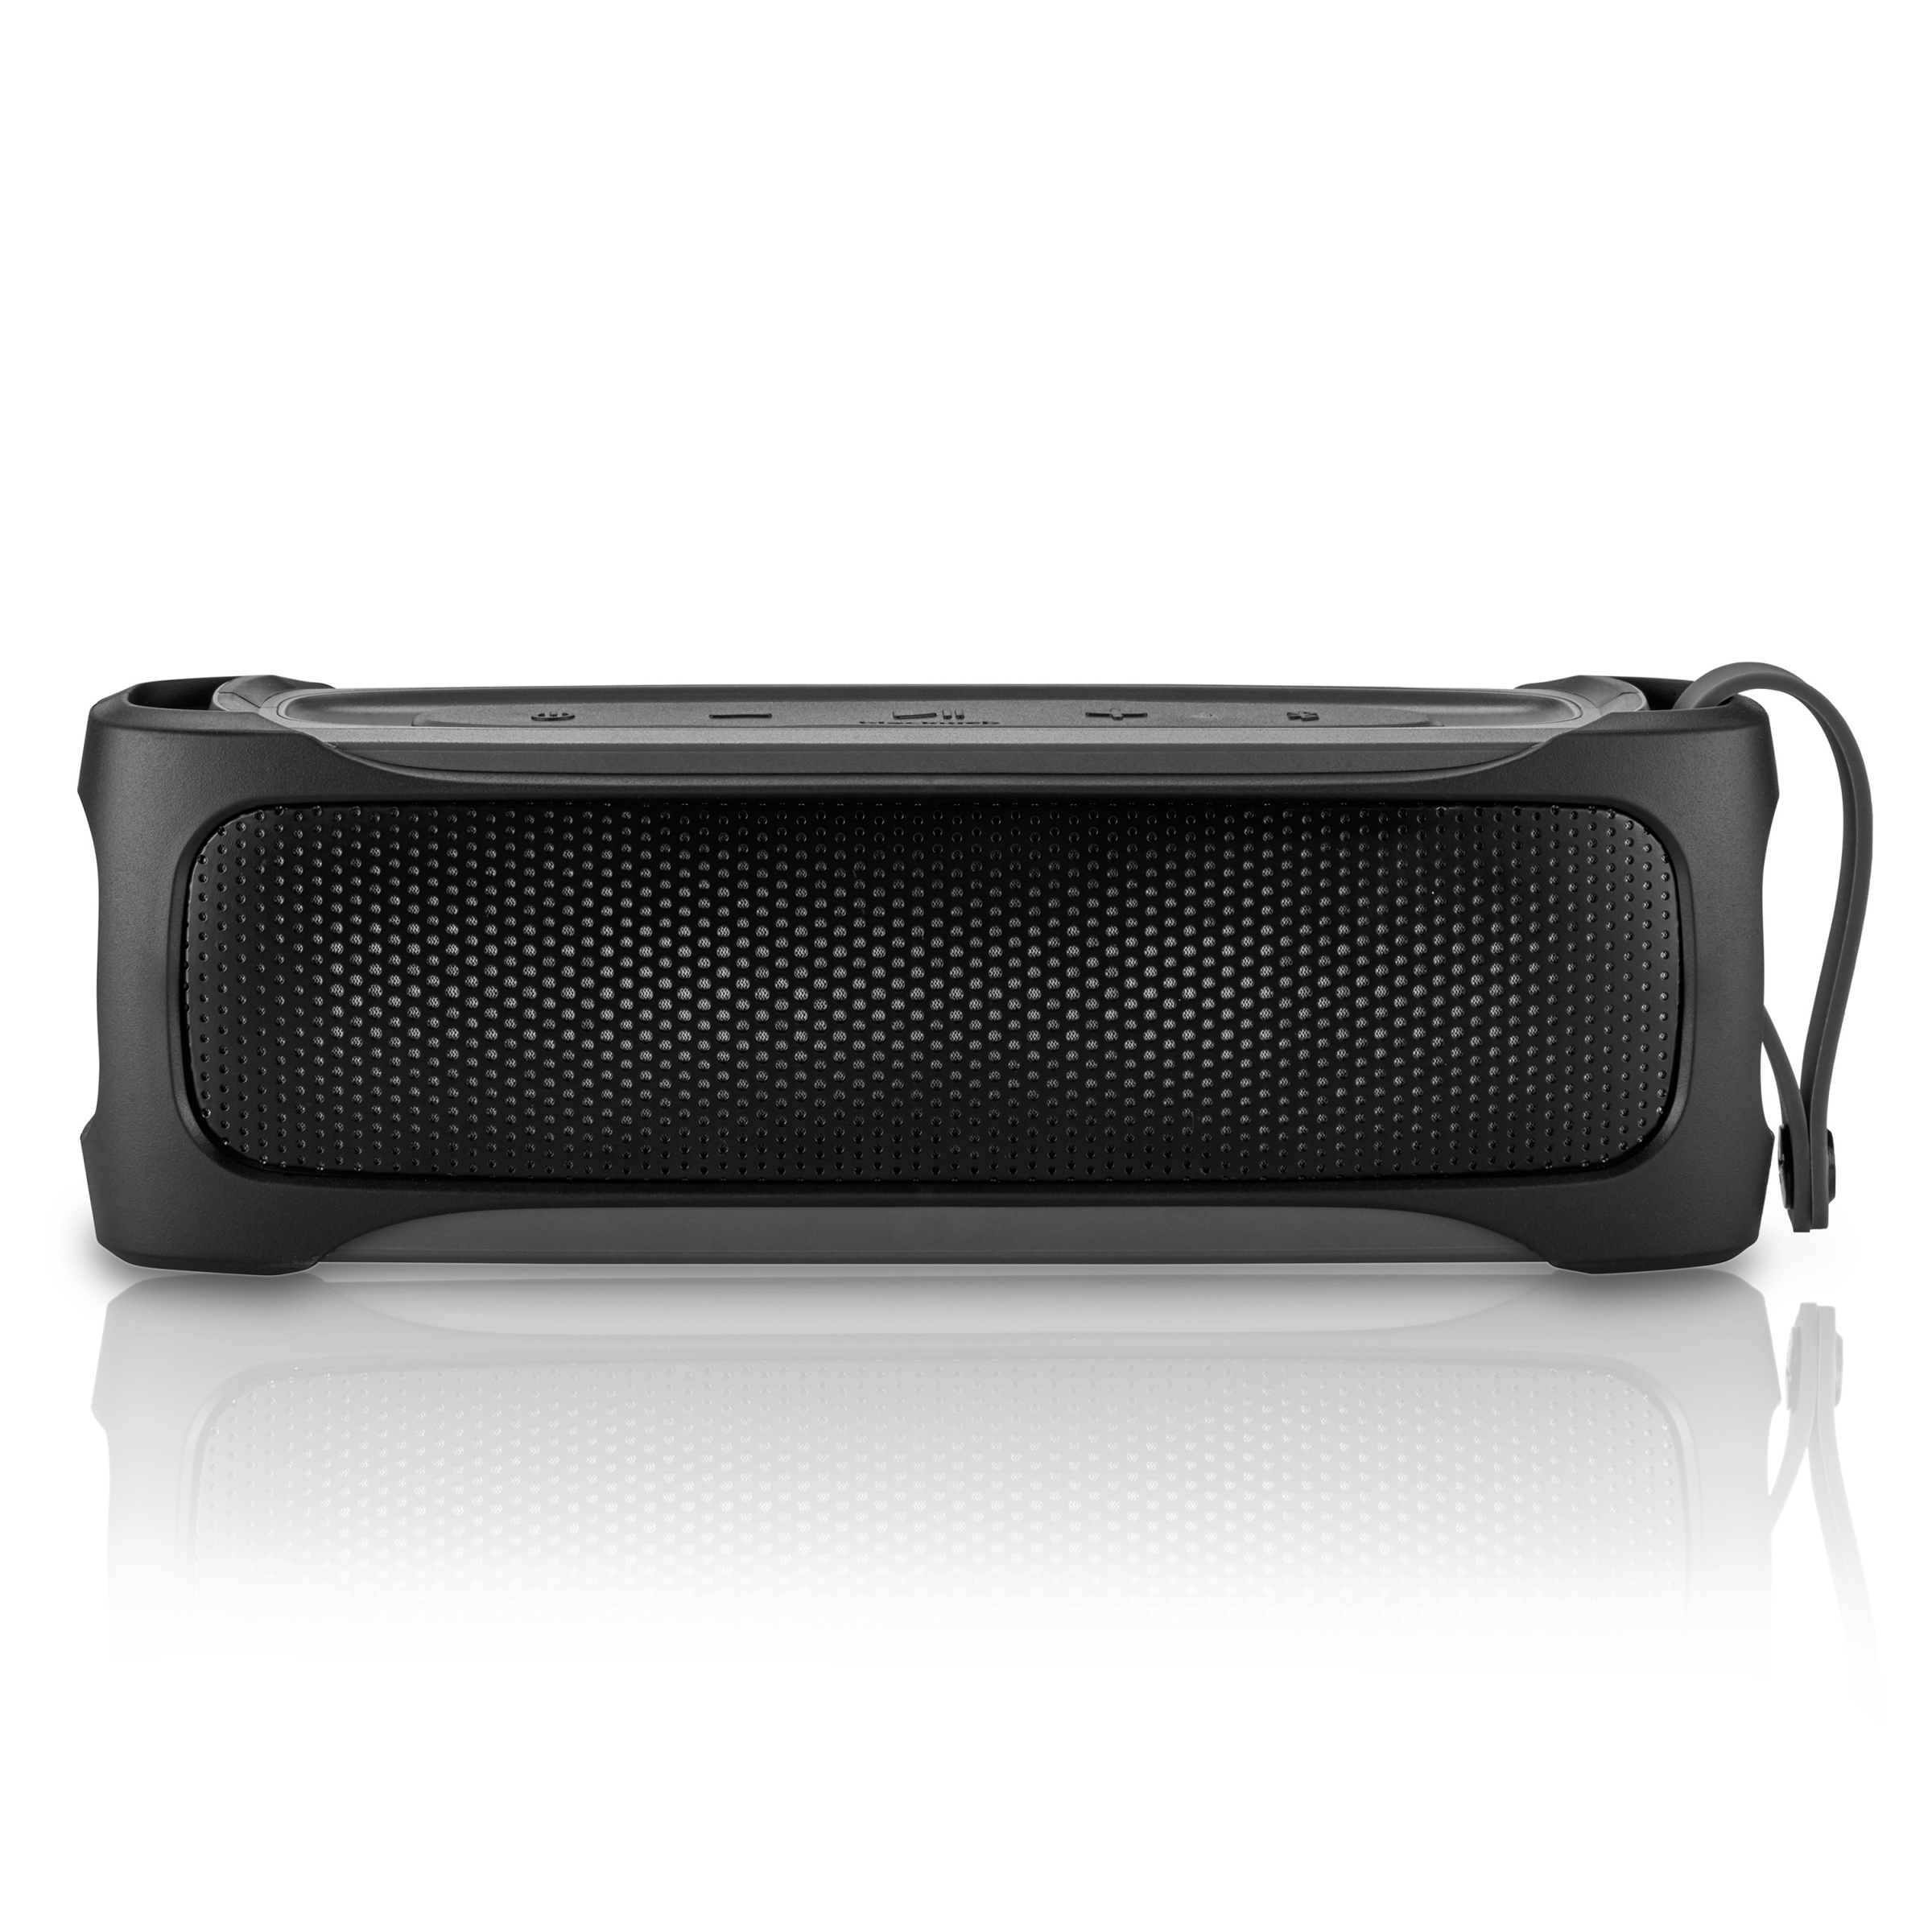 Blackweb Rugged Stereo Bluetooth Speaker, IPX5 Splash Proof Rating